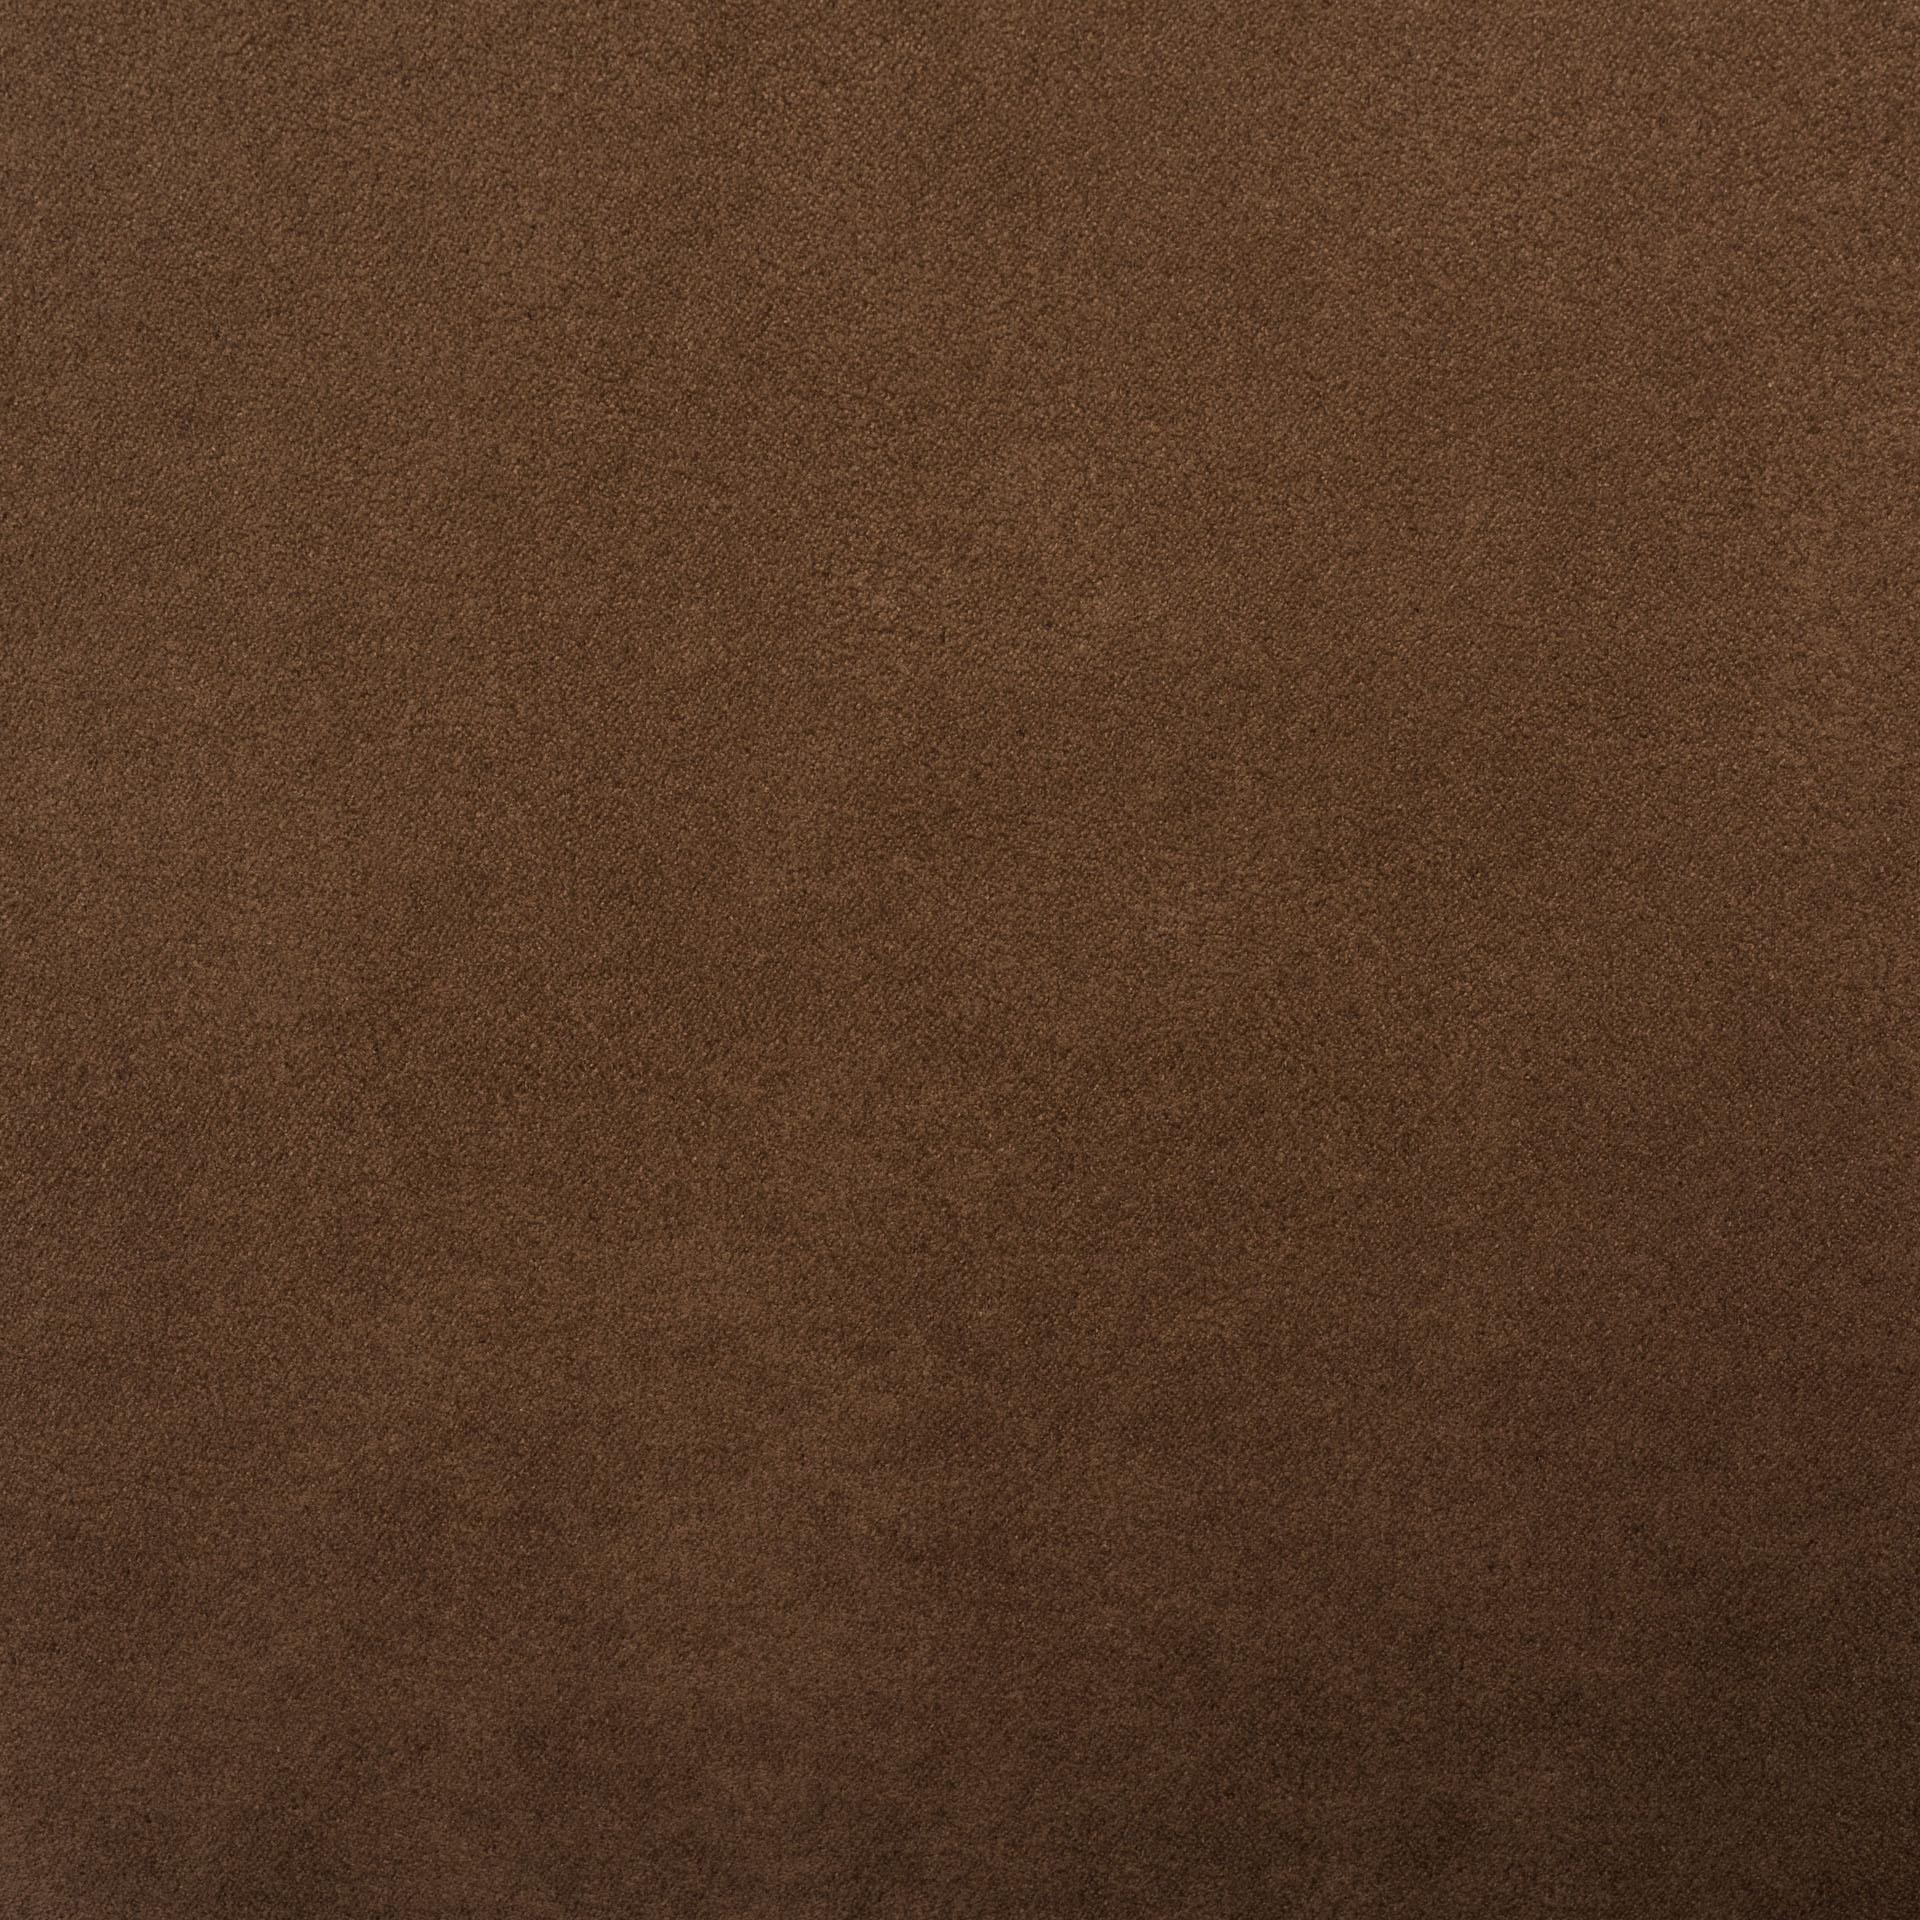 Коллекция ткани Бонд COFFE 04,  купить ткань Велюр для мебели Украина